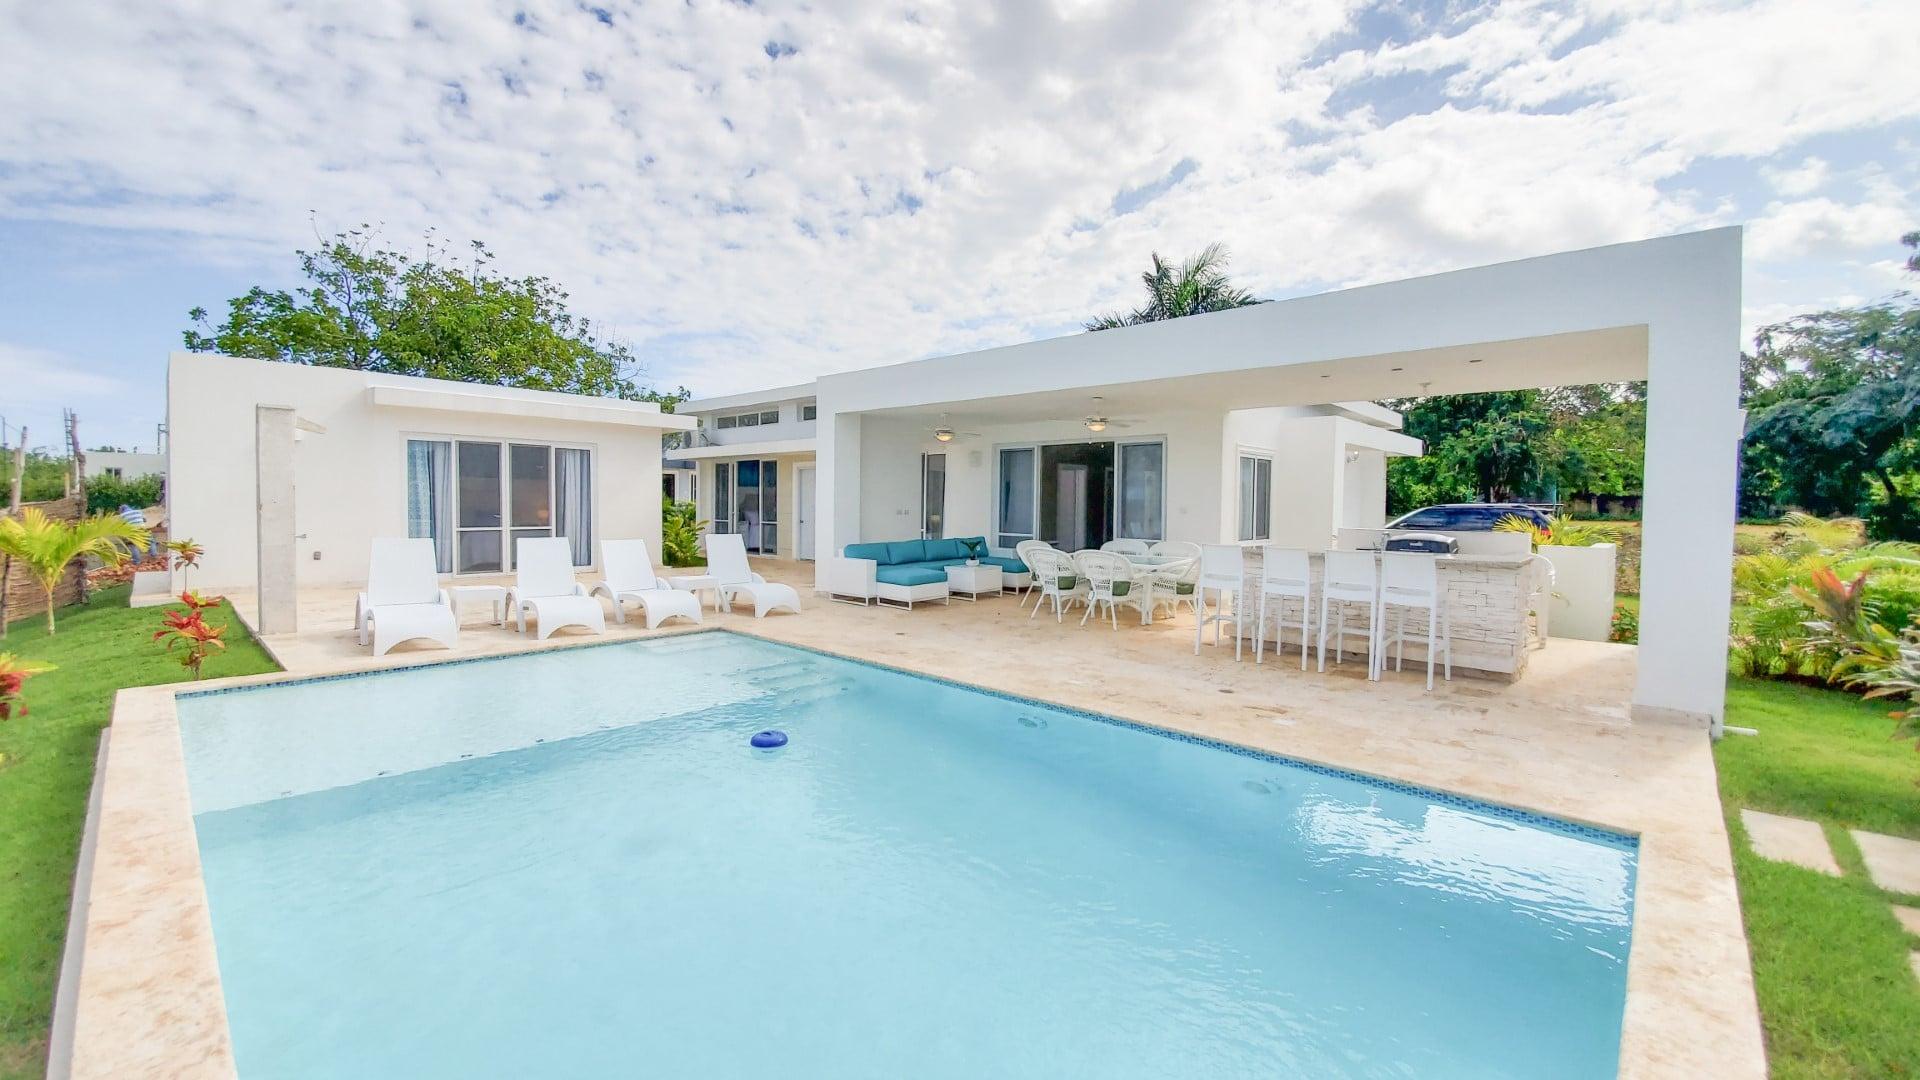 Villa 861 - 3 Bedroom